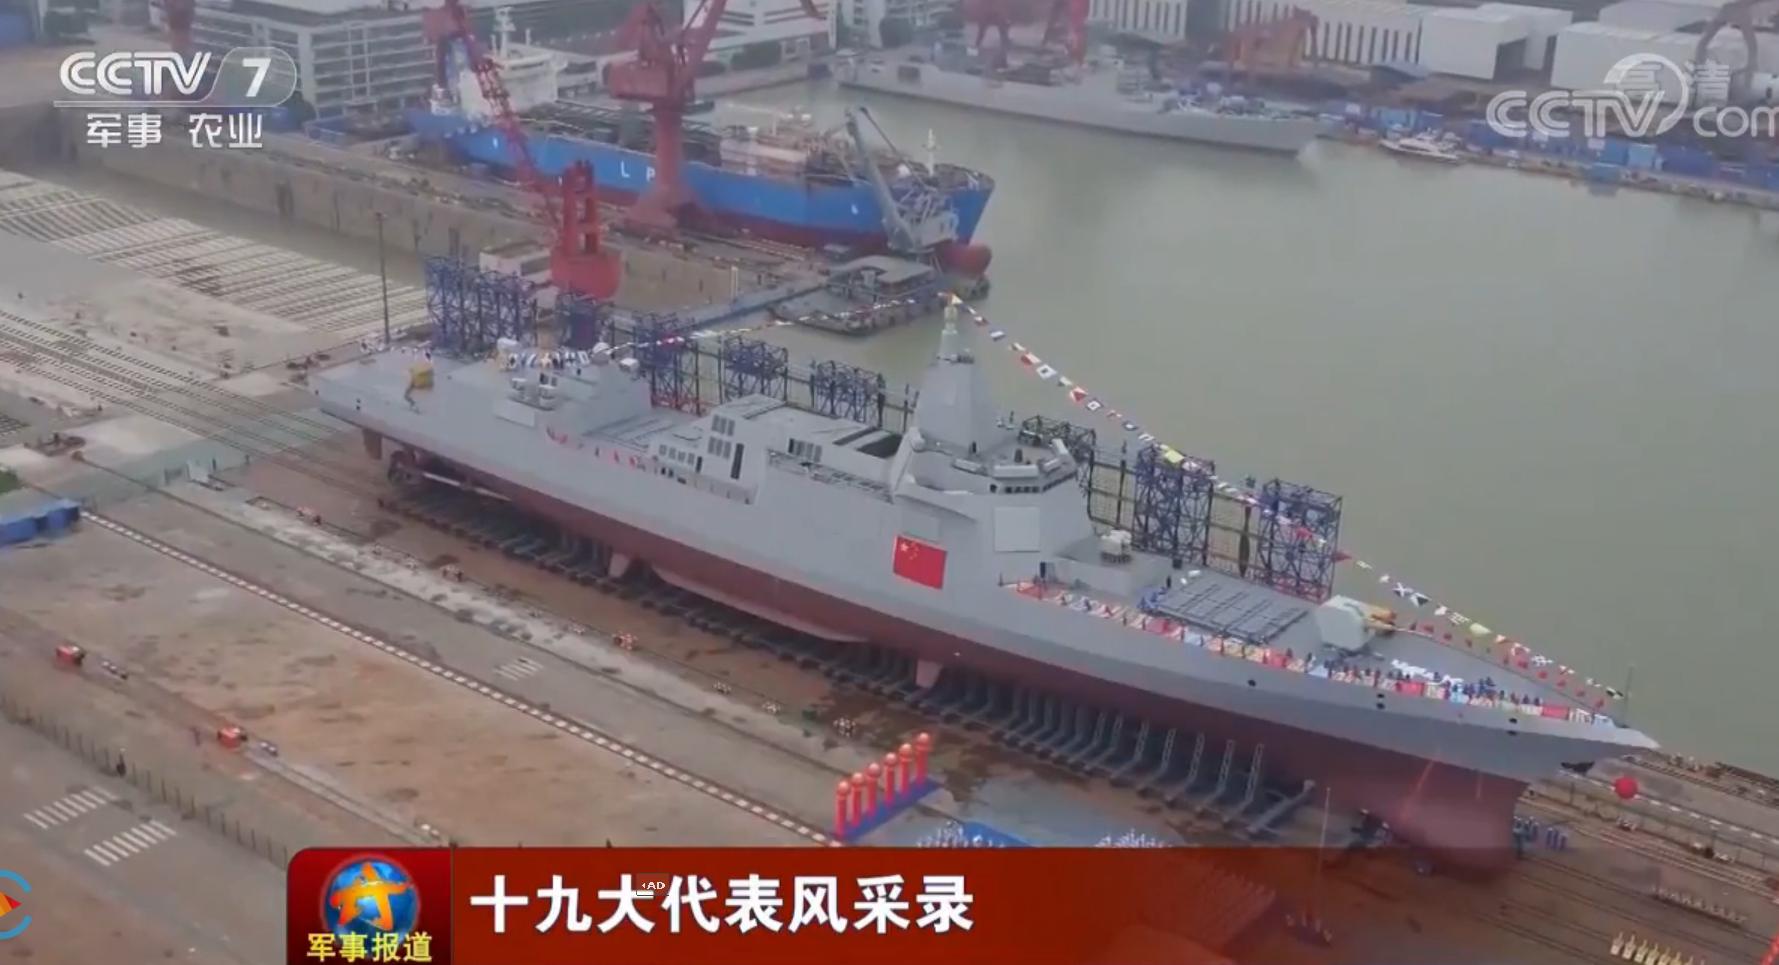 美媒:中国055大驱最早明年入役 火力不输美舰